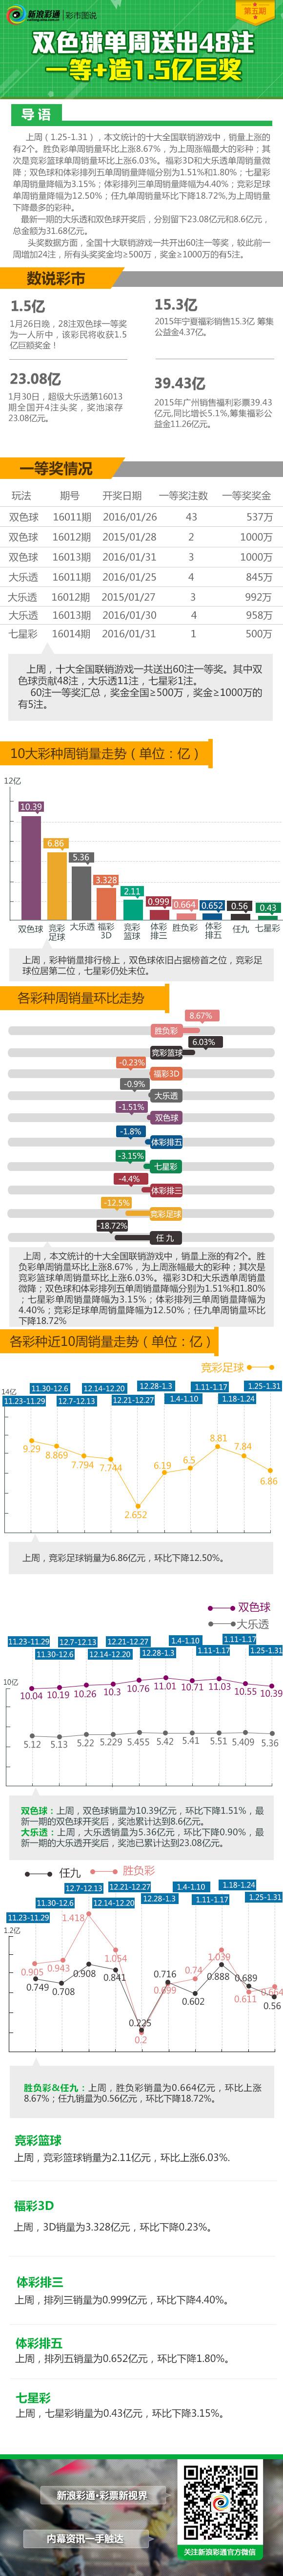 彩市图说第5期:双色球单周出48注一等+1.5亿巨奖